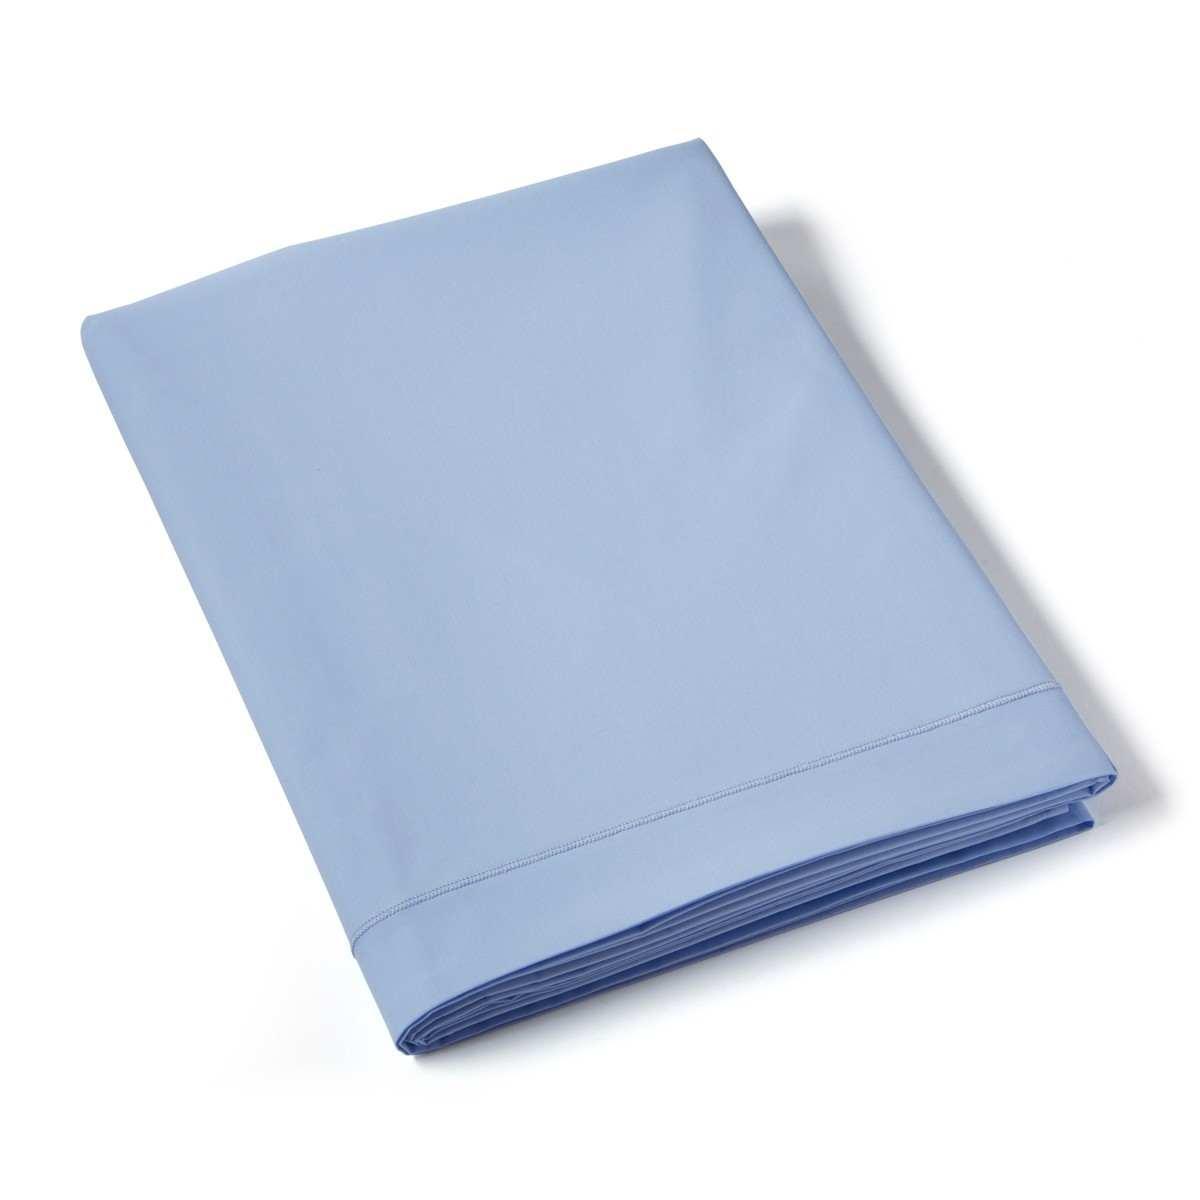 drap plat uni percale linge de lit de qualit tradition des vosges. Black Bedroom Furniture Sets. Home Design Ideas